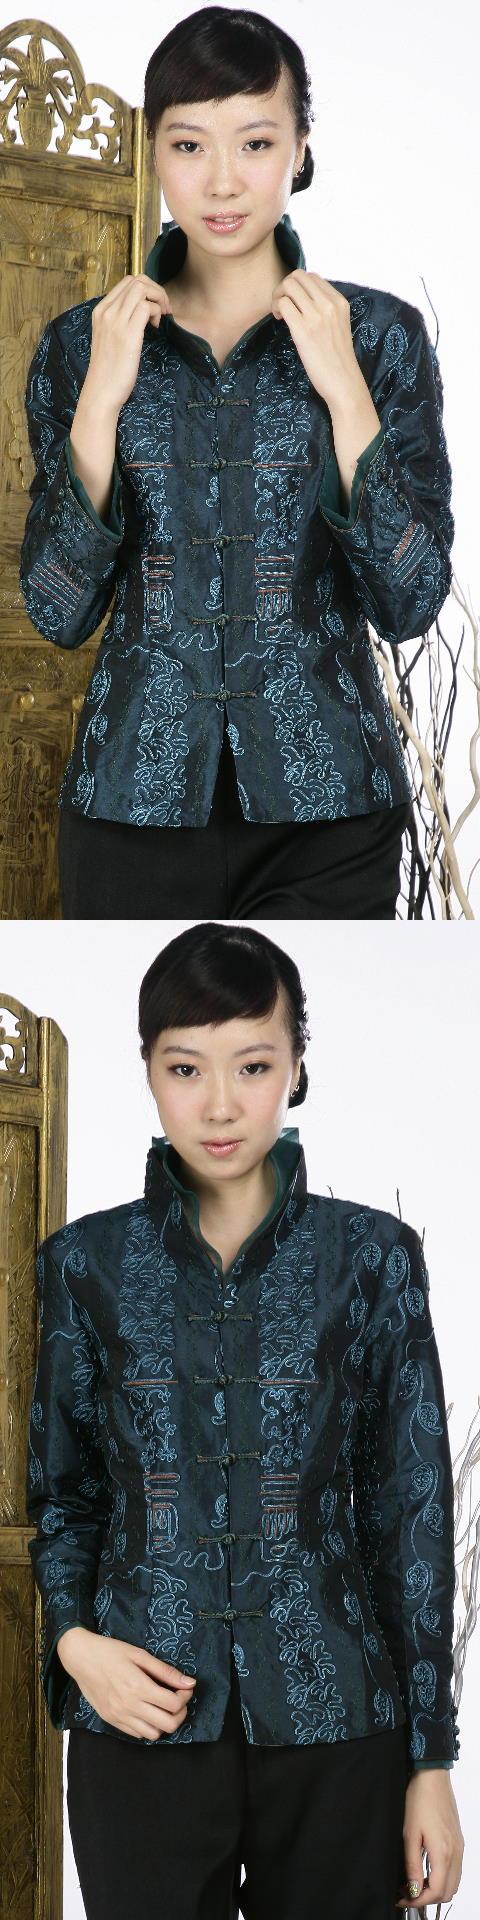 浮雕繡花中式外套(綠色)